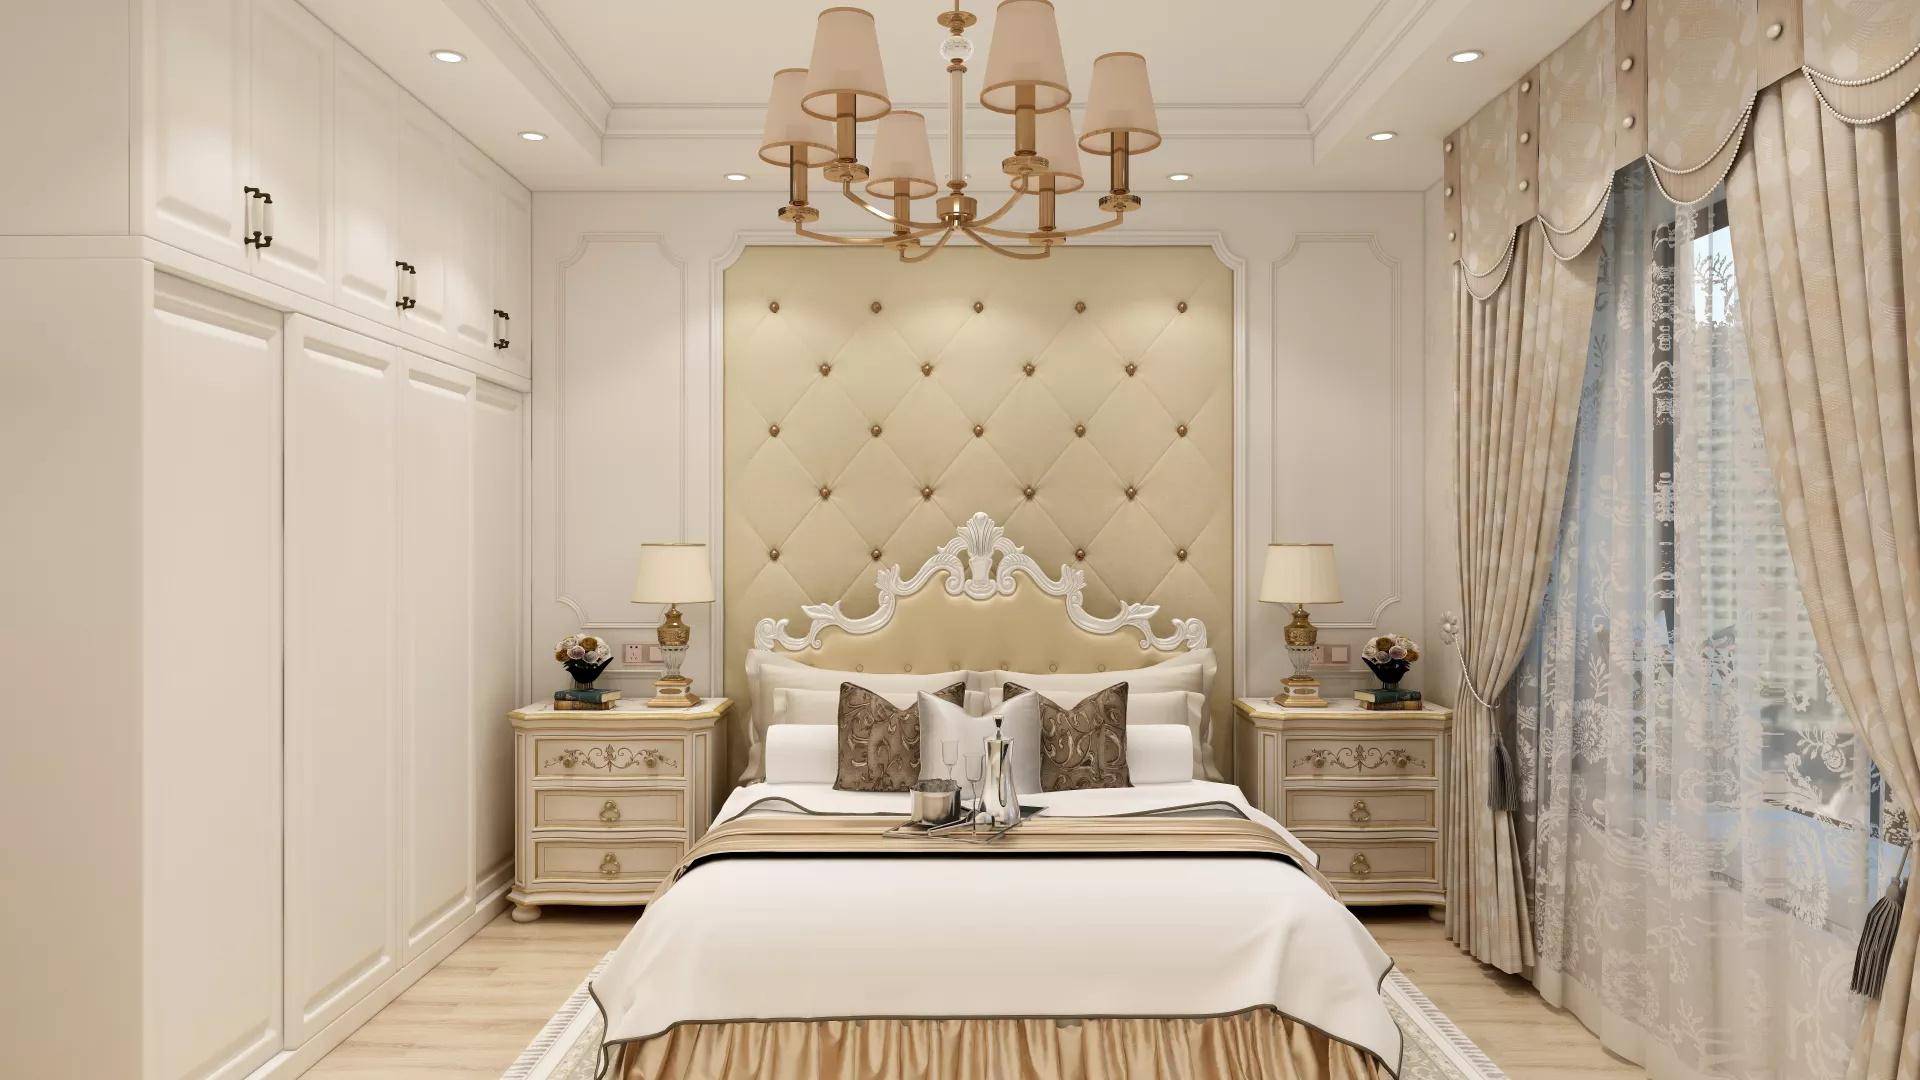 东南亚元素意式风格的别墅客厅装修效果图